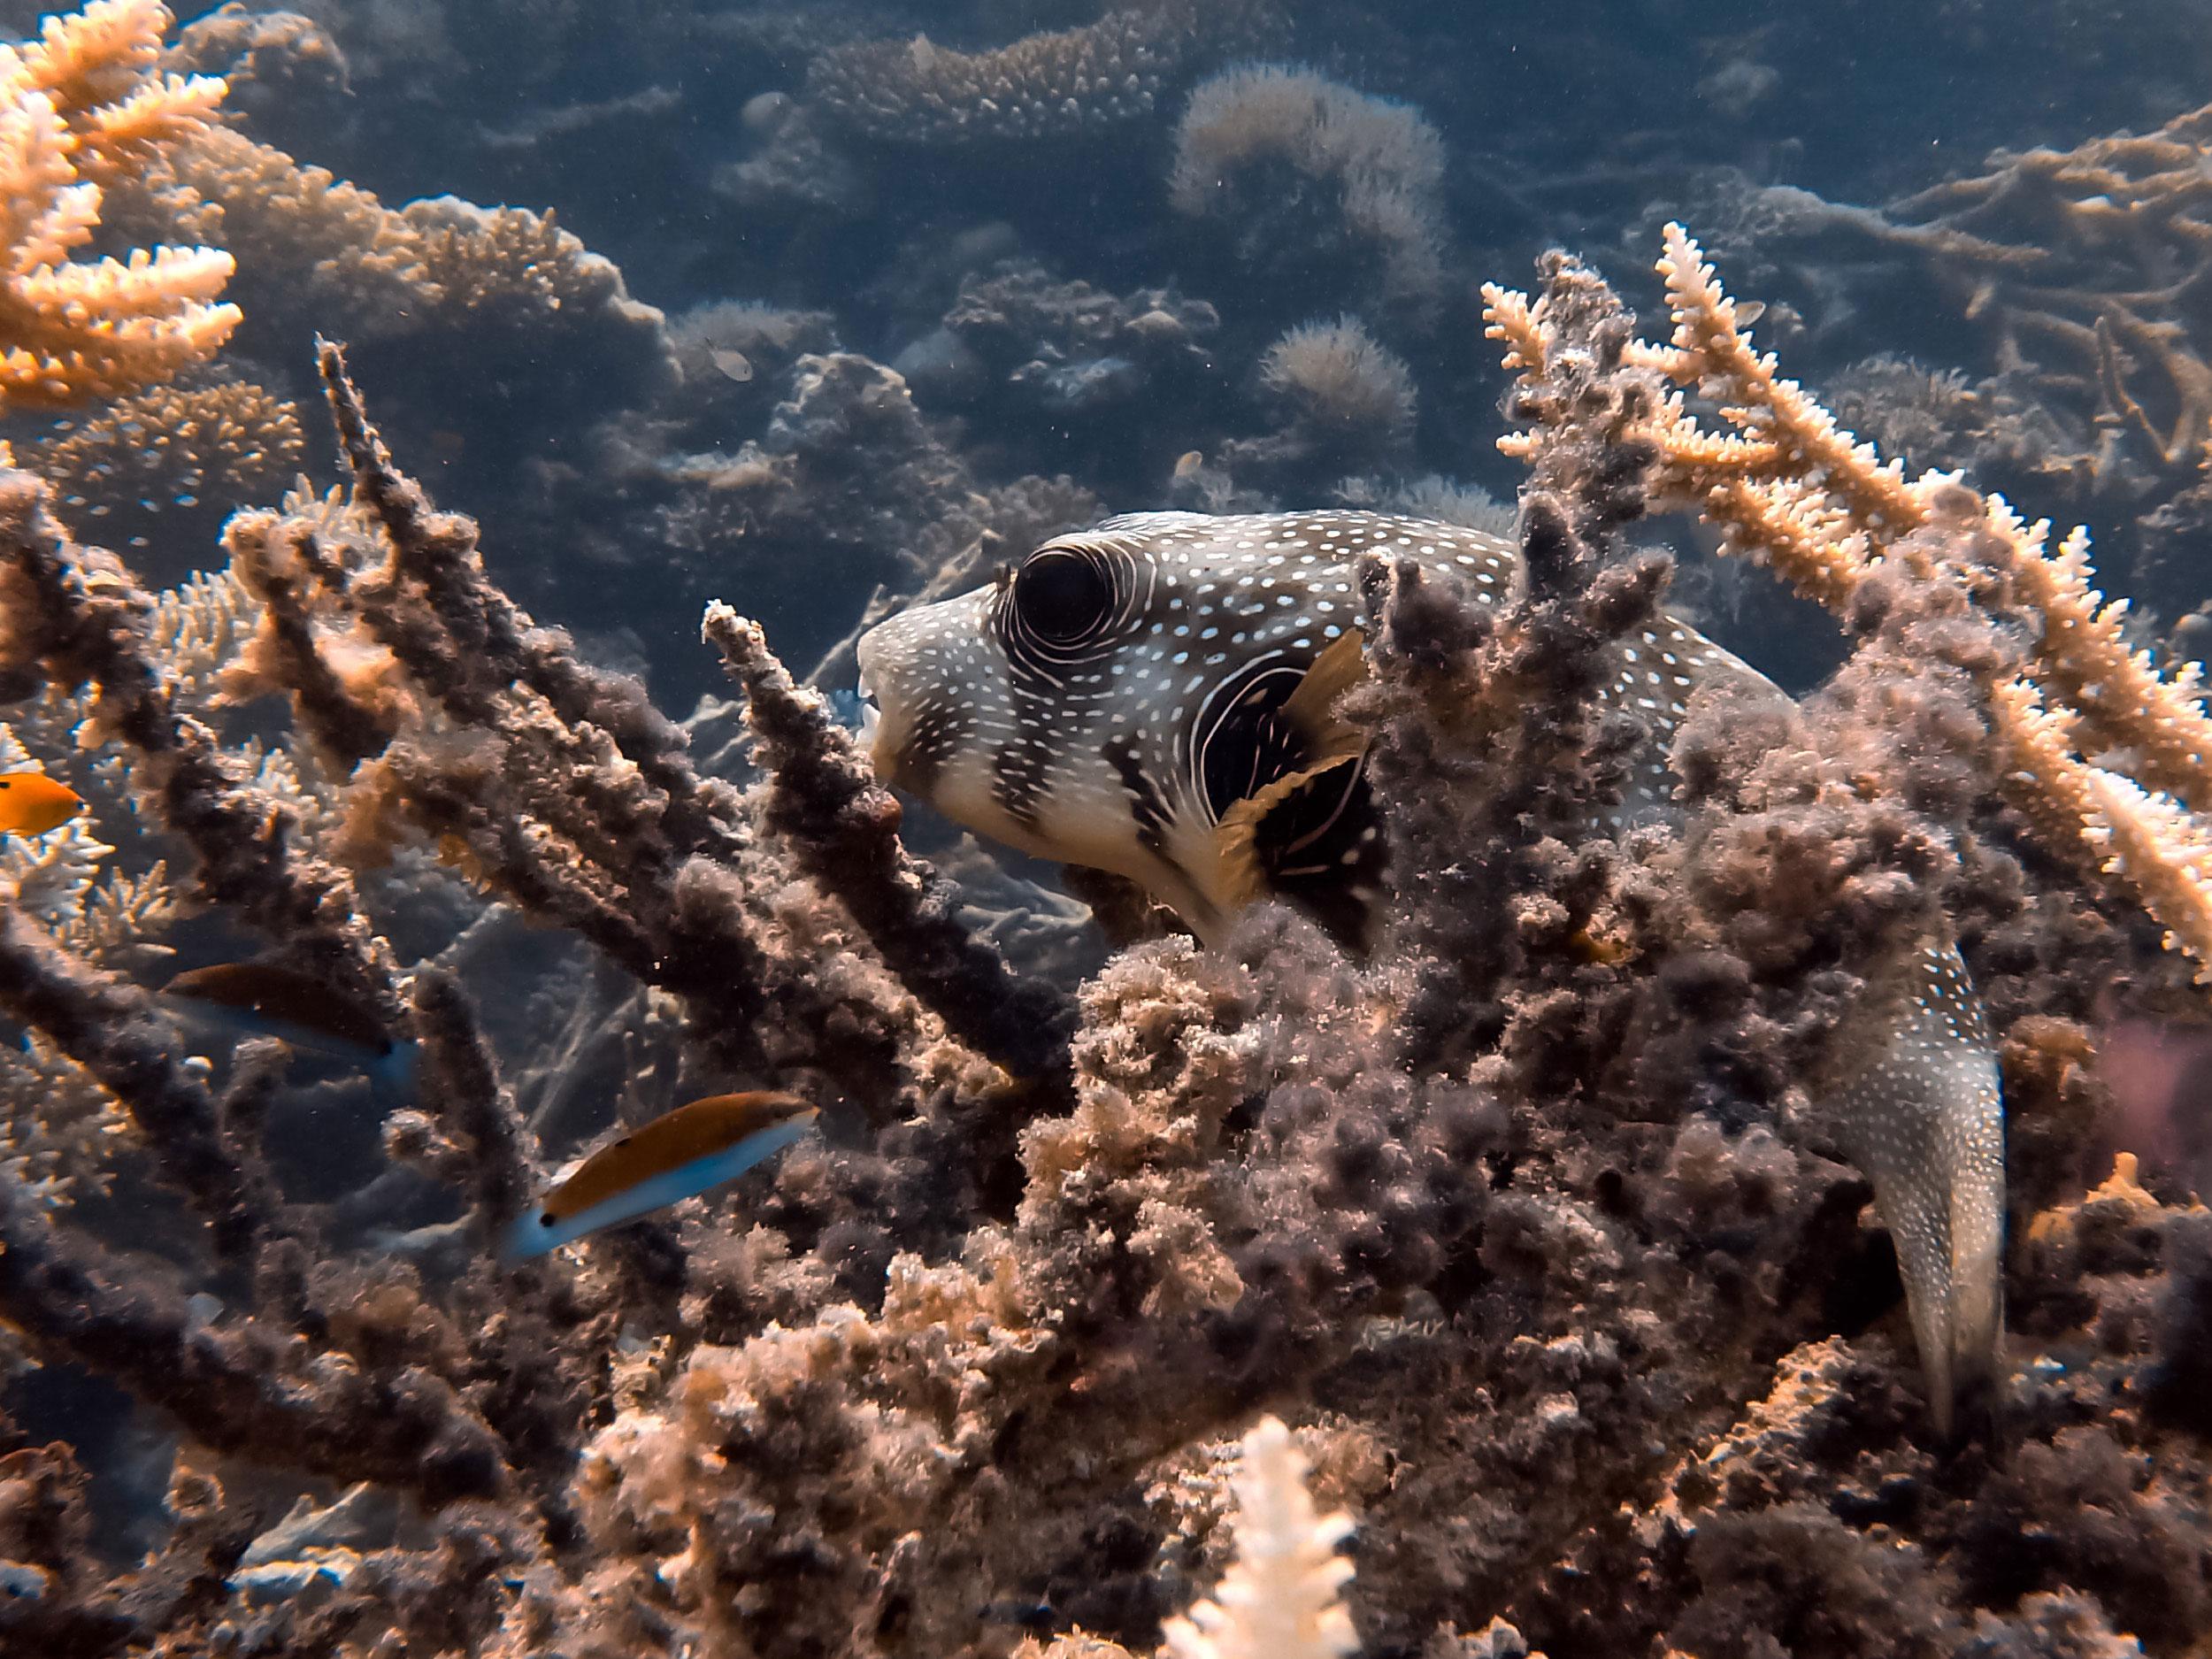 Kugelfisch beim schlafen in Koralle